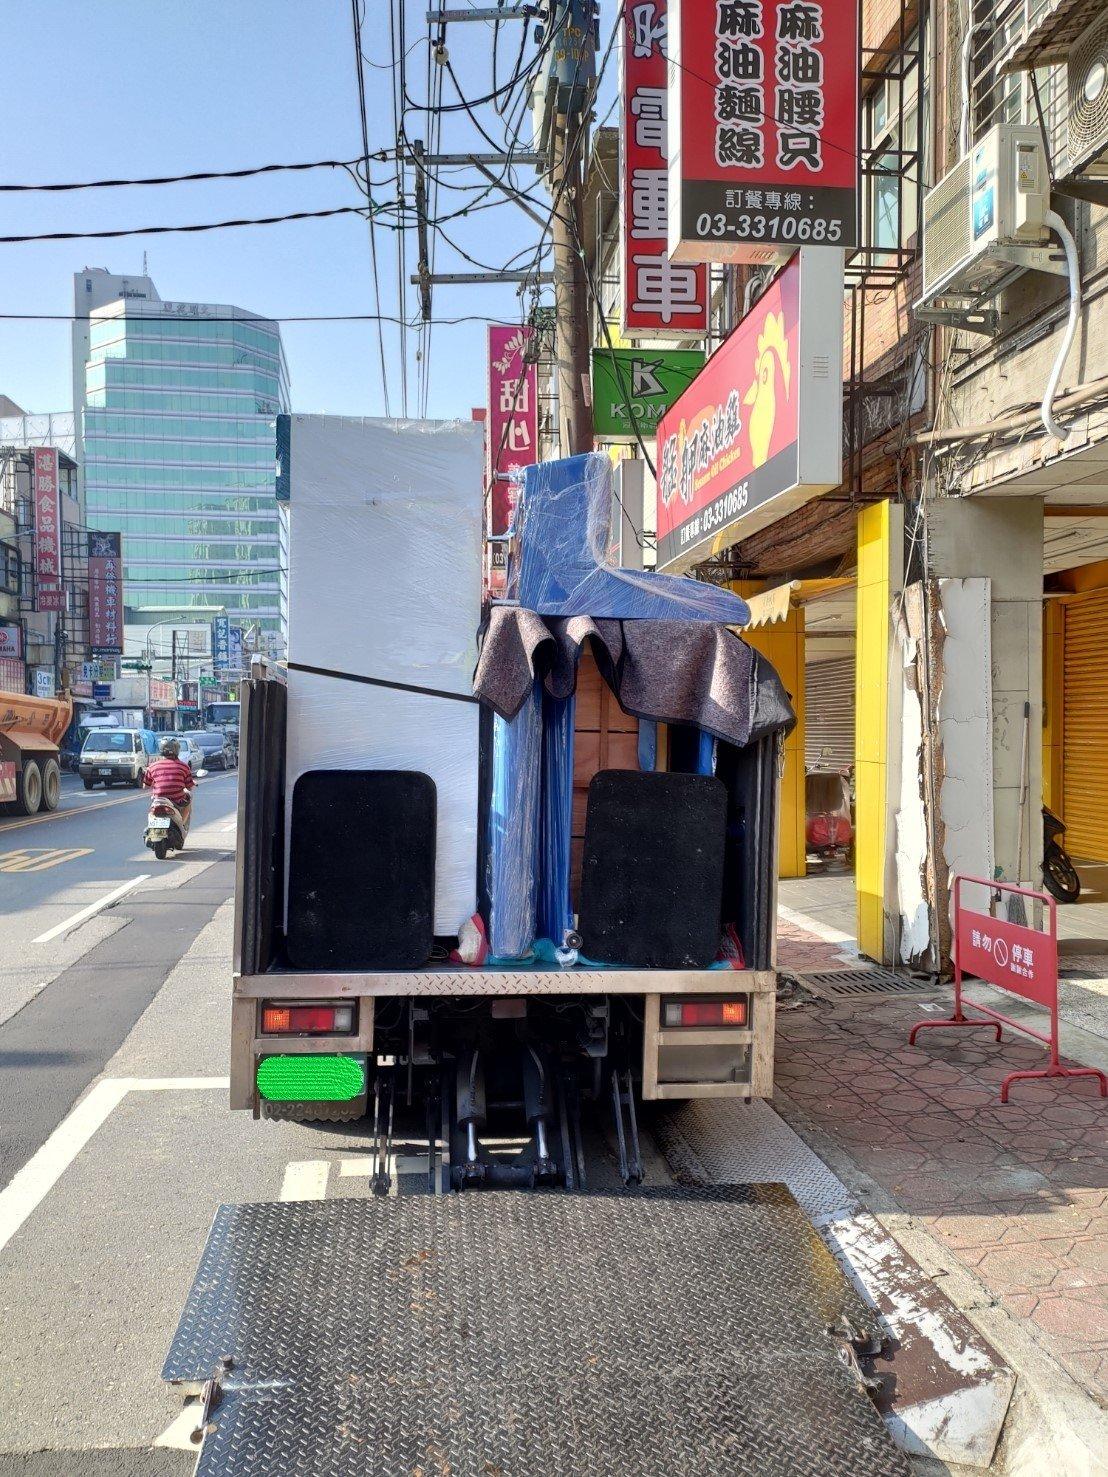 新北搬家【榮福搬家】搬家首選、台北搬家推薦:搬運大型營業用雙門冰箱、與8組雙人座沙發